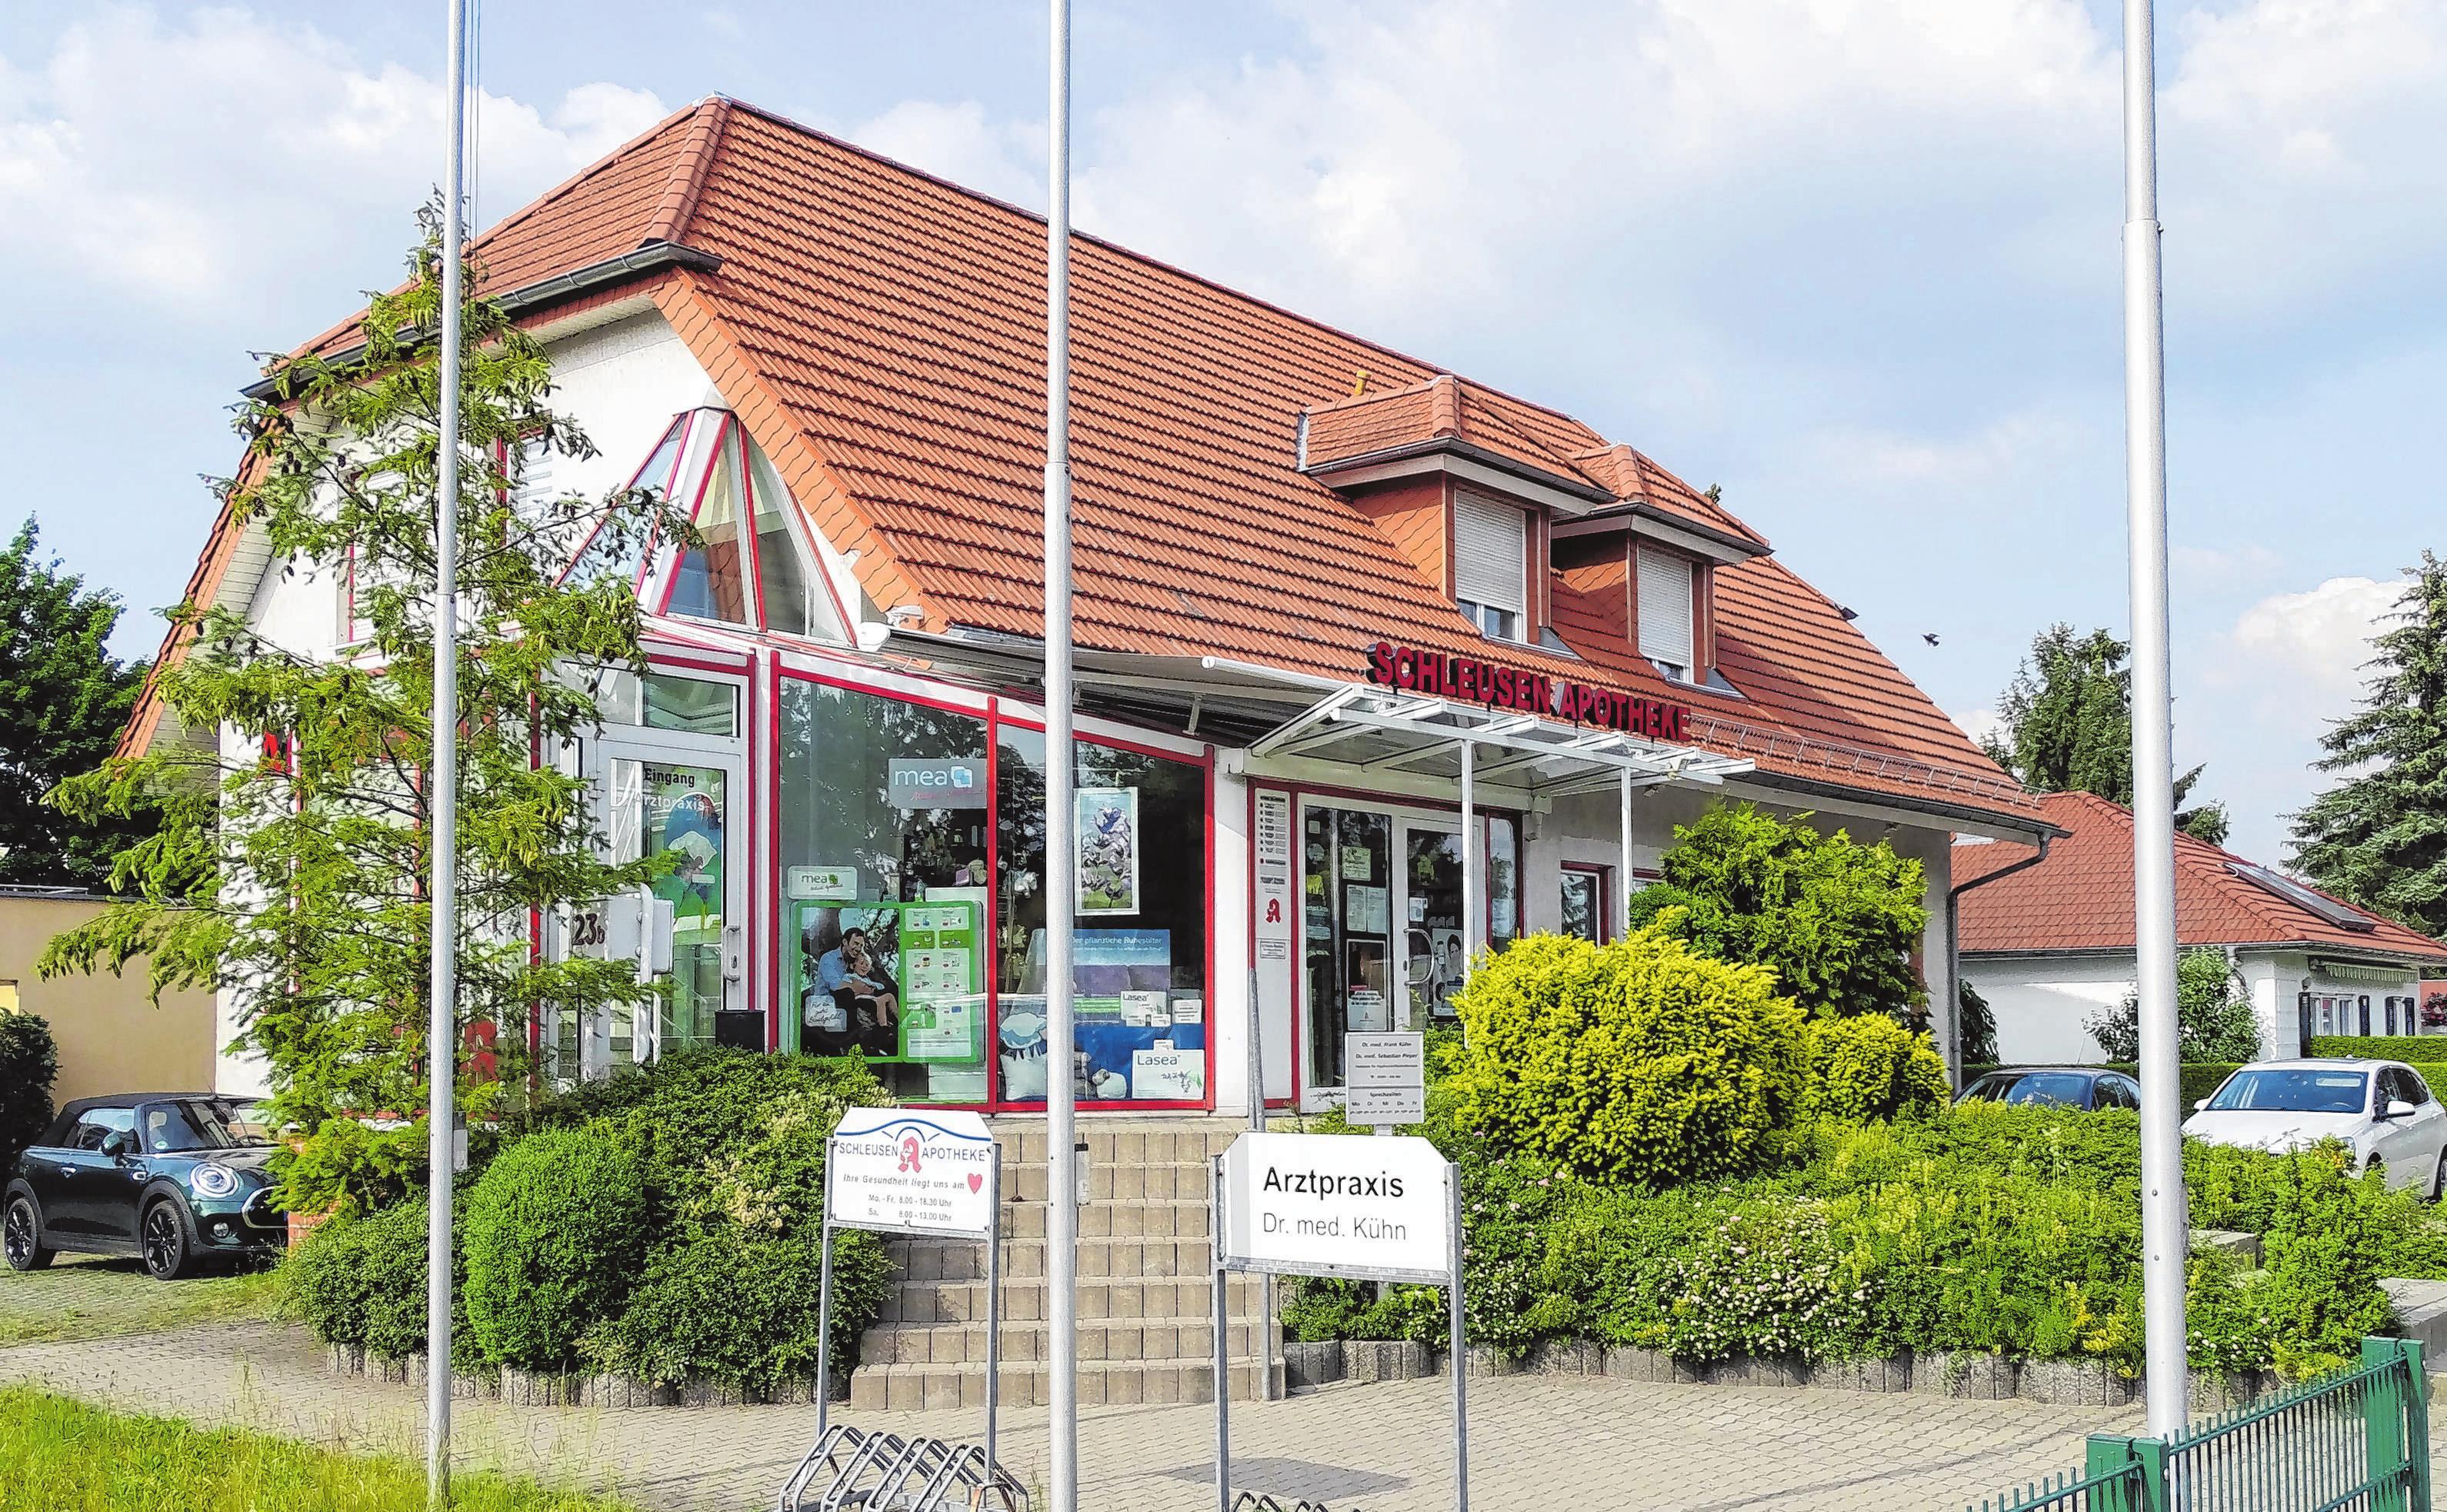 Schleusenapotheke mit langer Geschichte und Ärztehaus an der Granseer Chausee prägen den Ort und sind nicht nur für Sachsenhausener ein Infrastrukturfaktor.